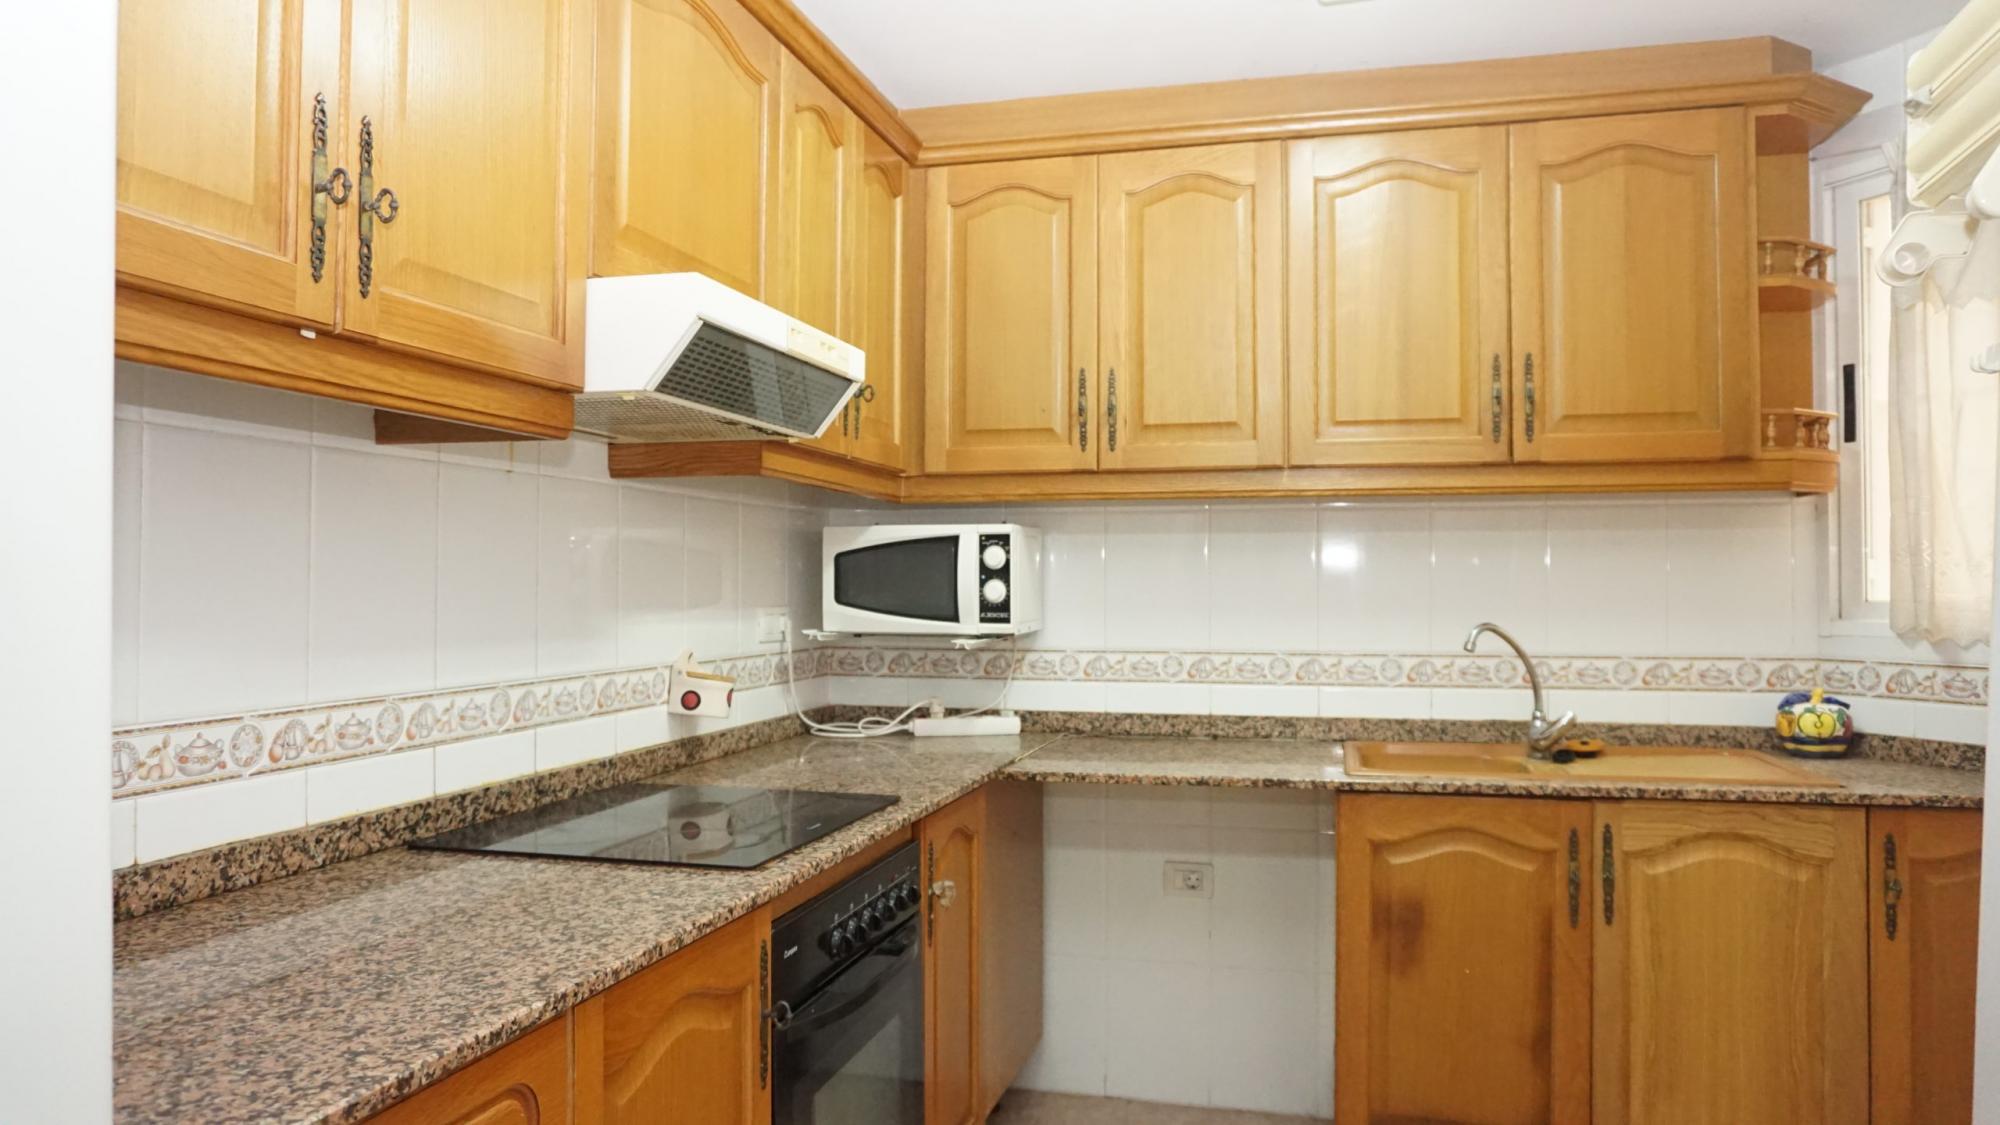 Vivienda en venta en Burriana (Castellón) zona Grao